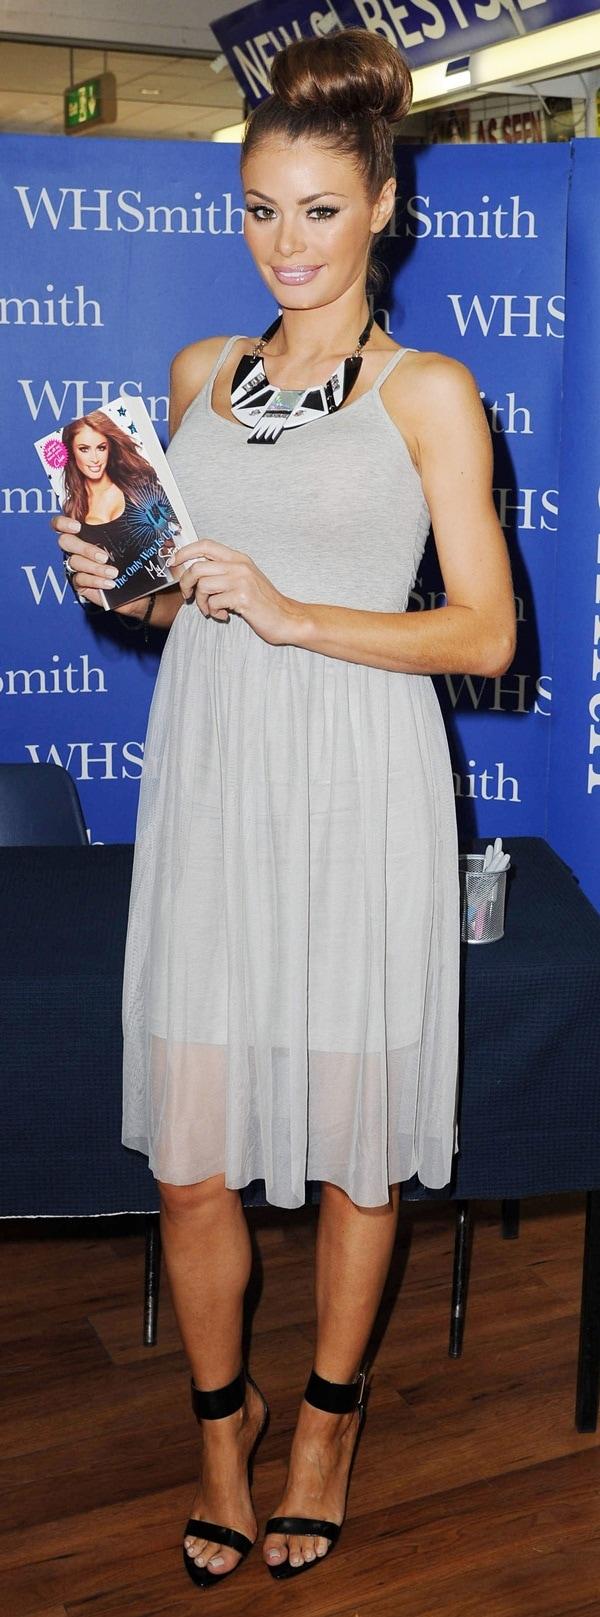 Chloe Sims with a high hair bun in a hot summer dress